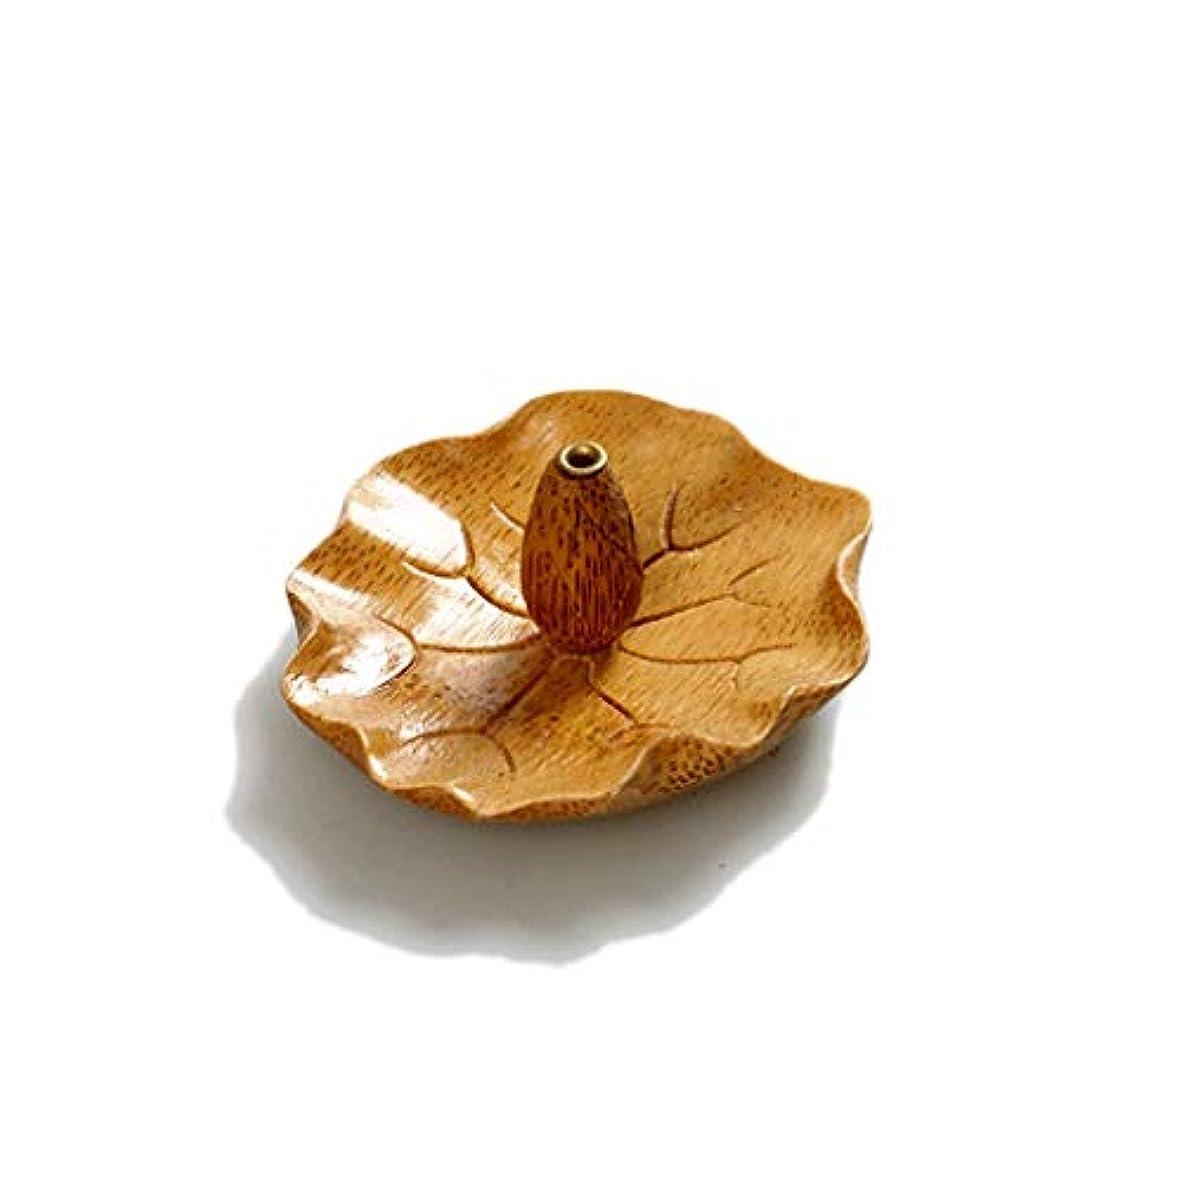 ラフレシアアルノルディレシピ五クリエイティブ竹香ホルダー瞑想香バーナー手作りの葉形の家の装飾香スティックコーンバーナーホルダー (Color : C)